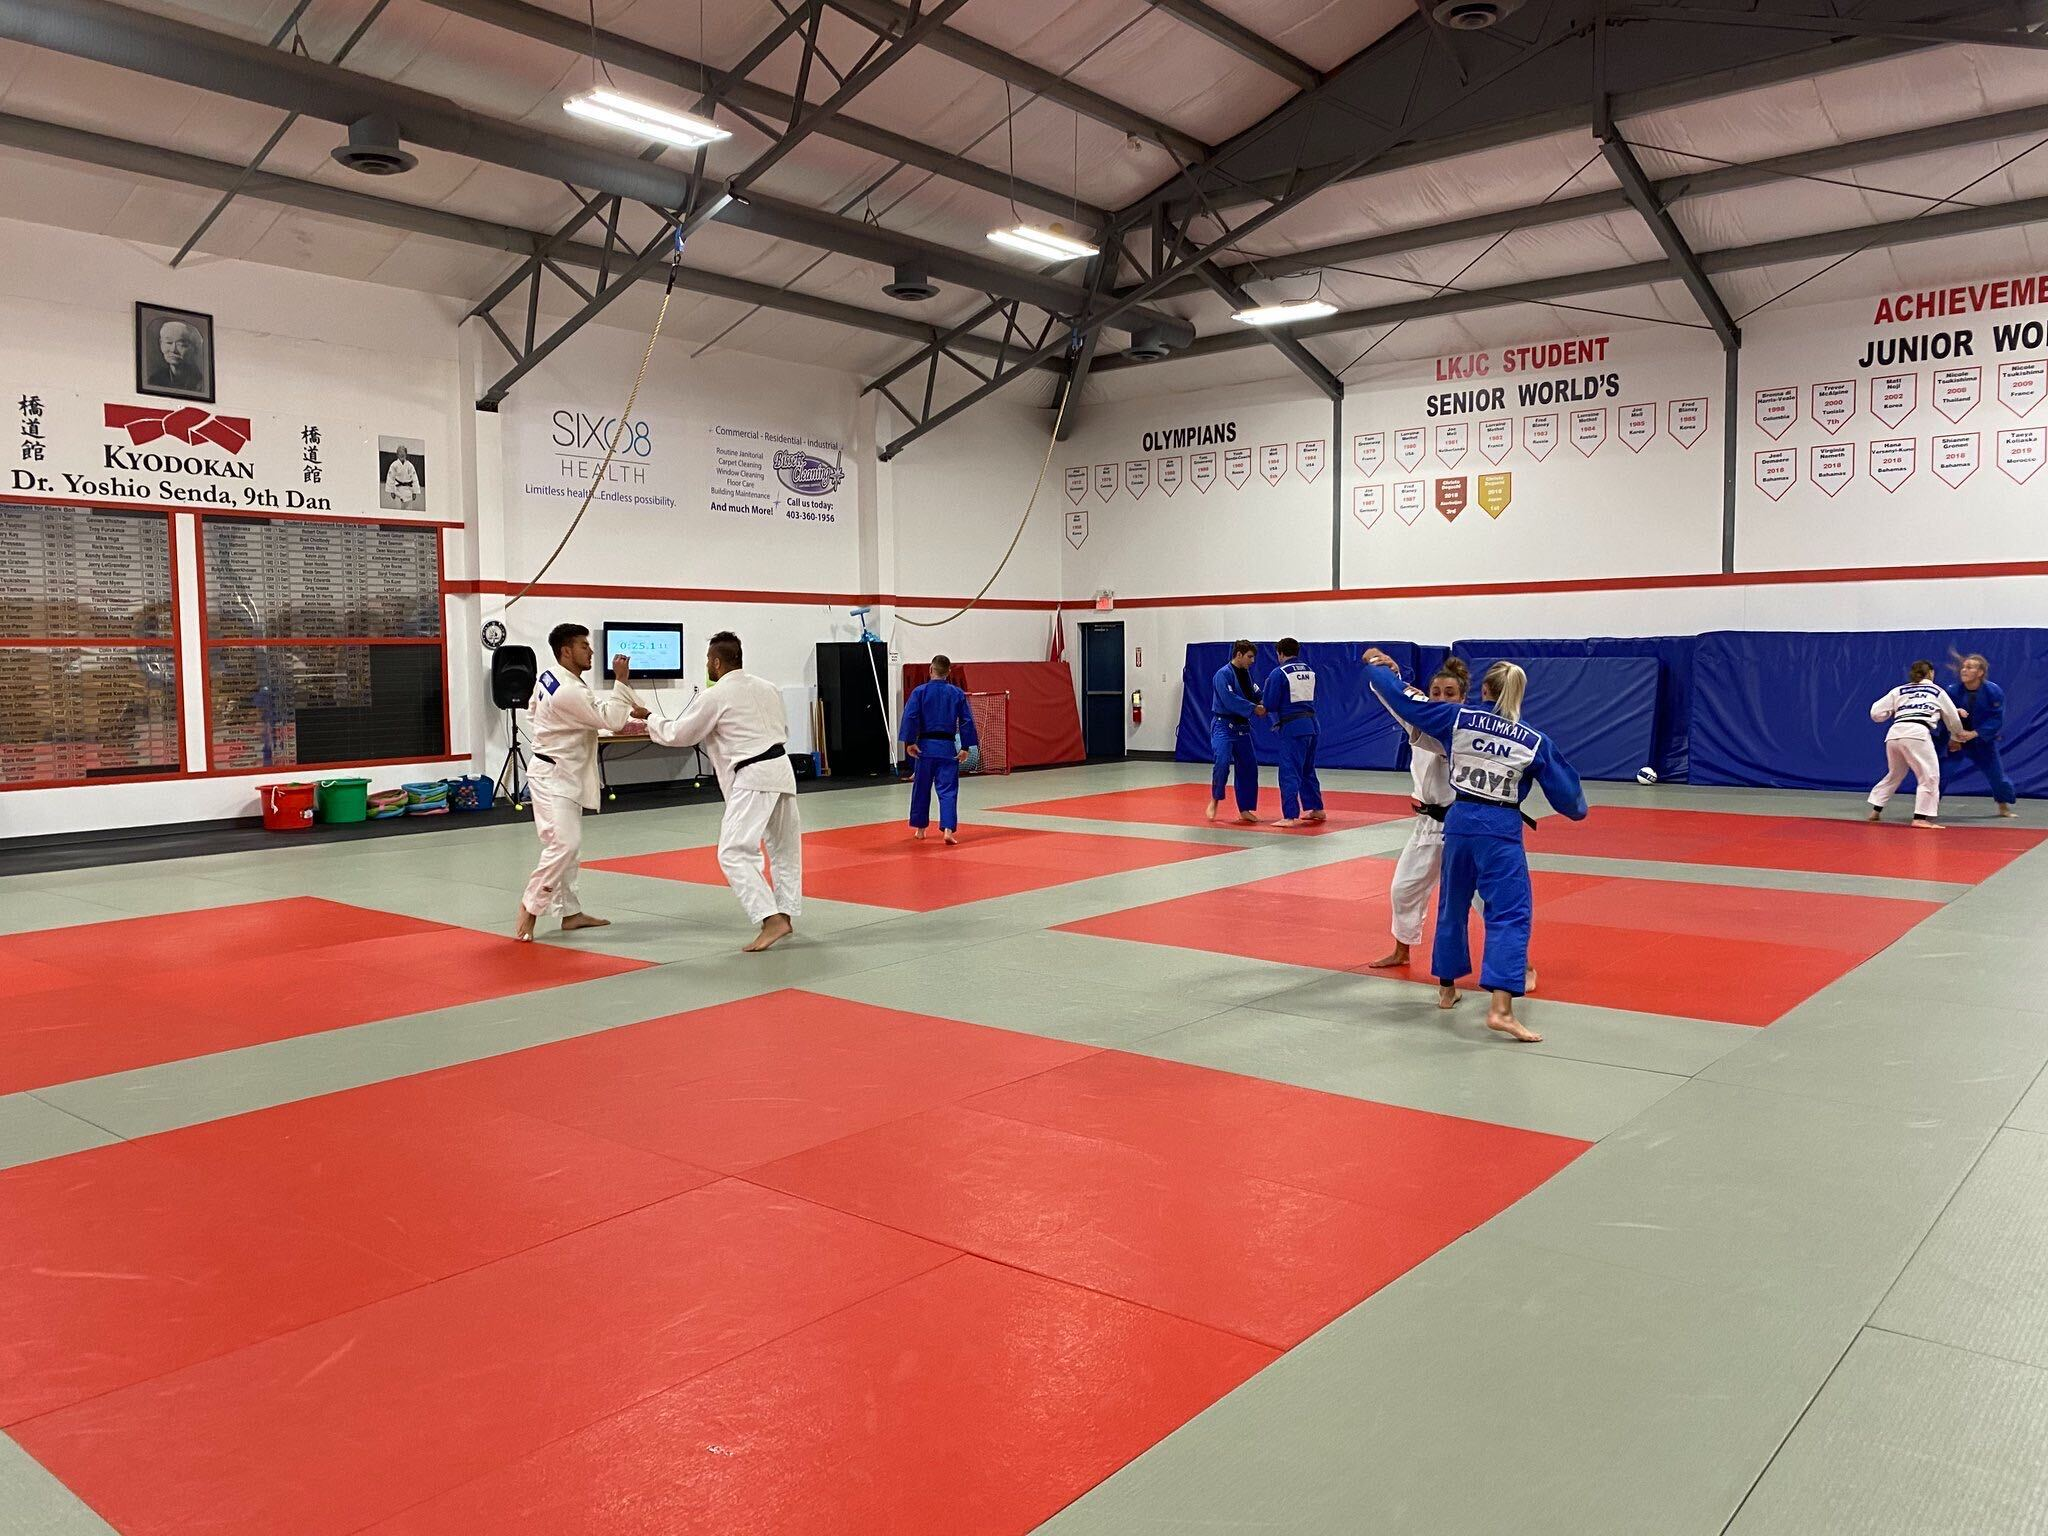 Judo team members practice in a dojo